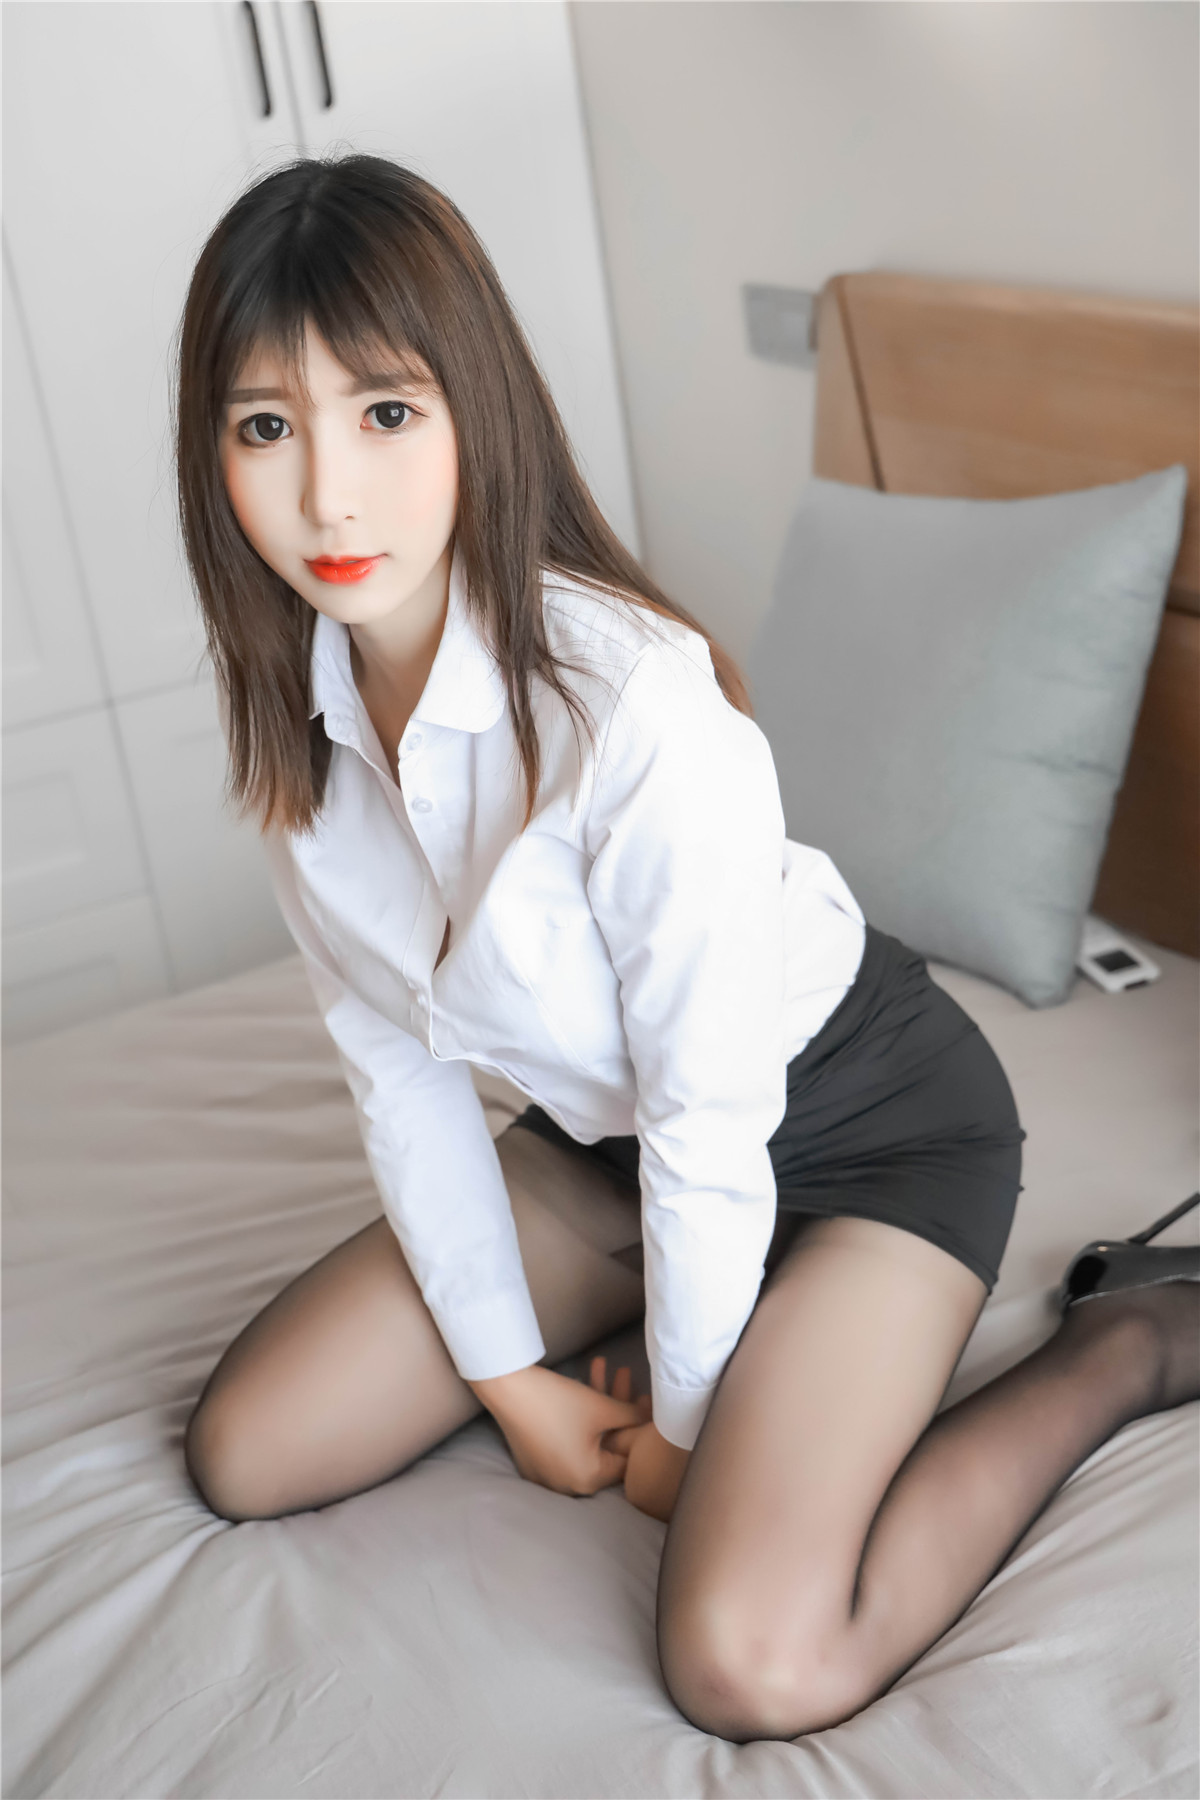 黑米粥私房写真女仆黑丝&OL制服在线看